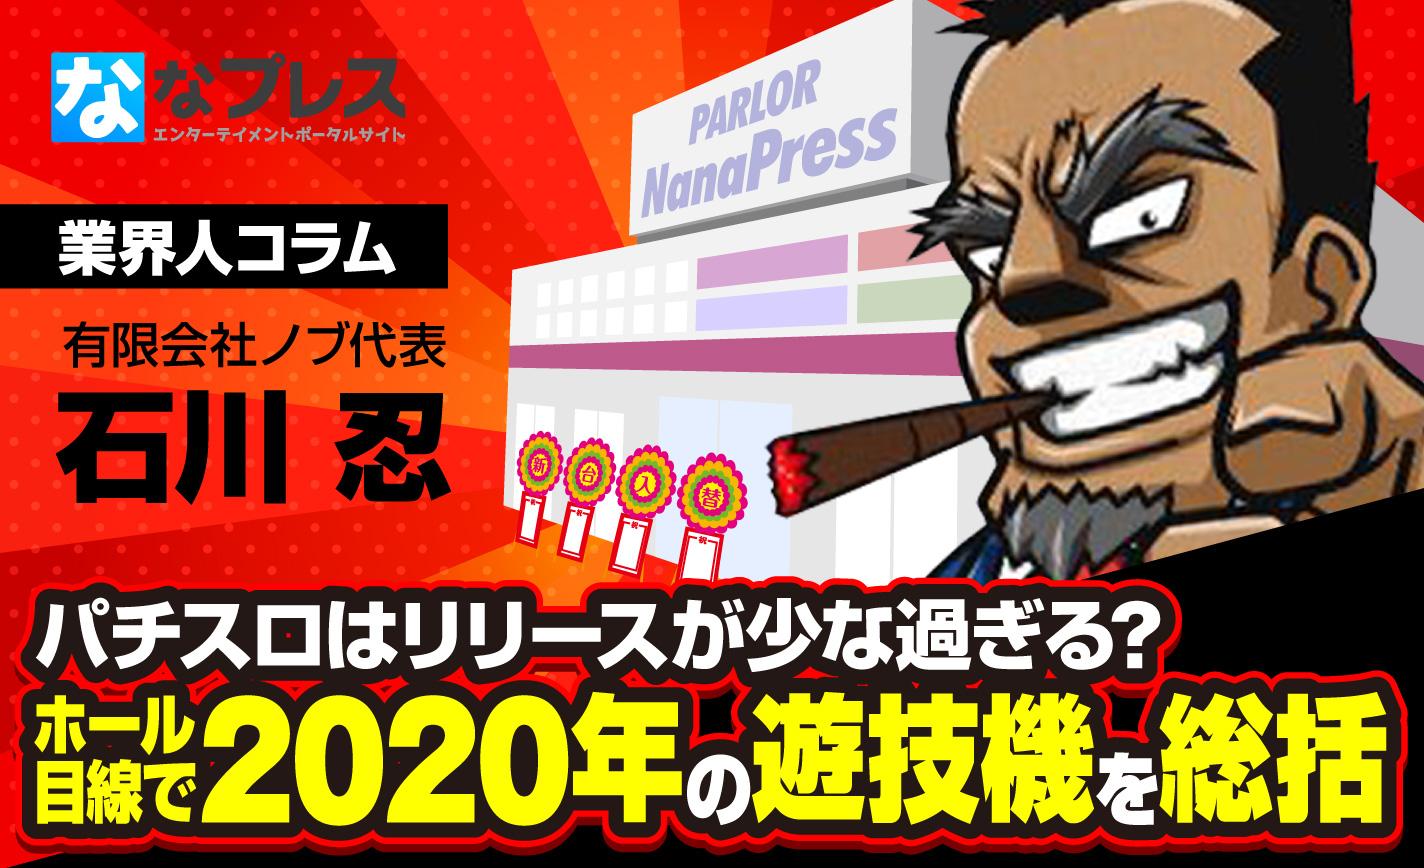 ホール目線で2020年の遊技機を総括!パチスロはリリースが少な過ぎる? eyecatch-image